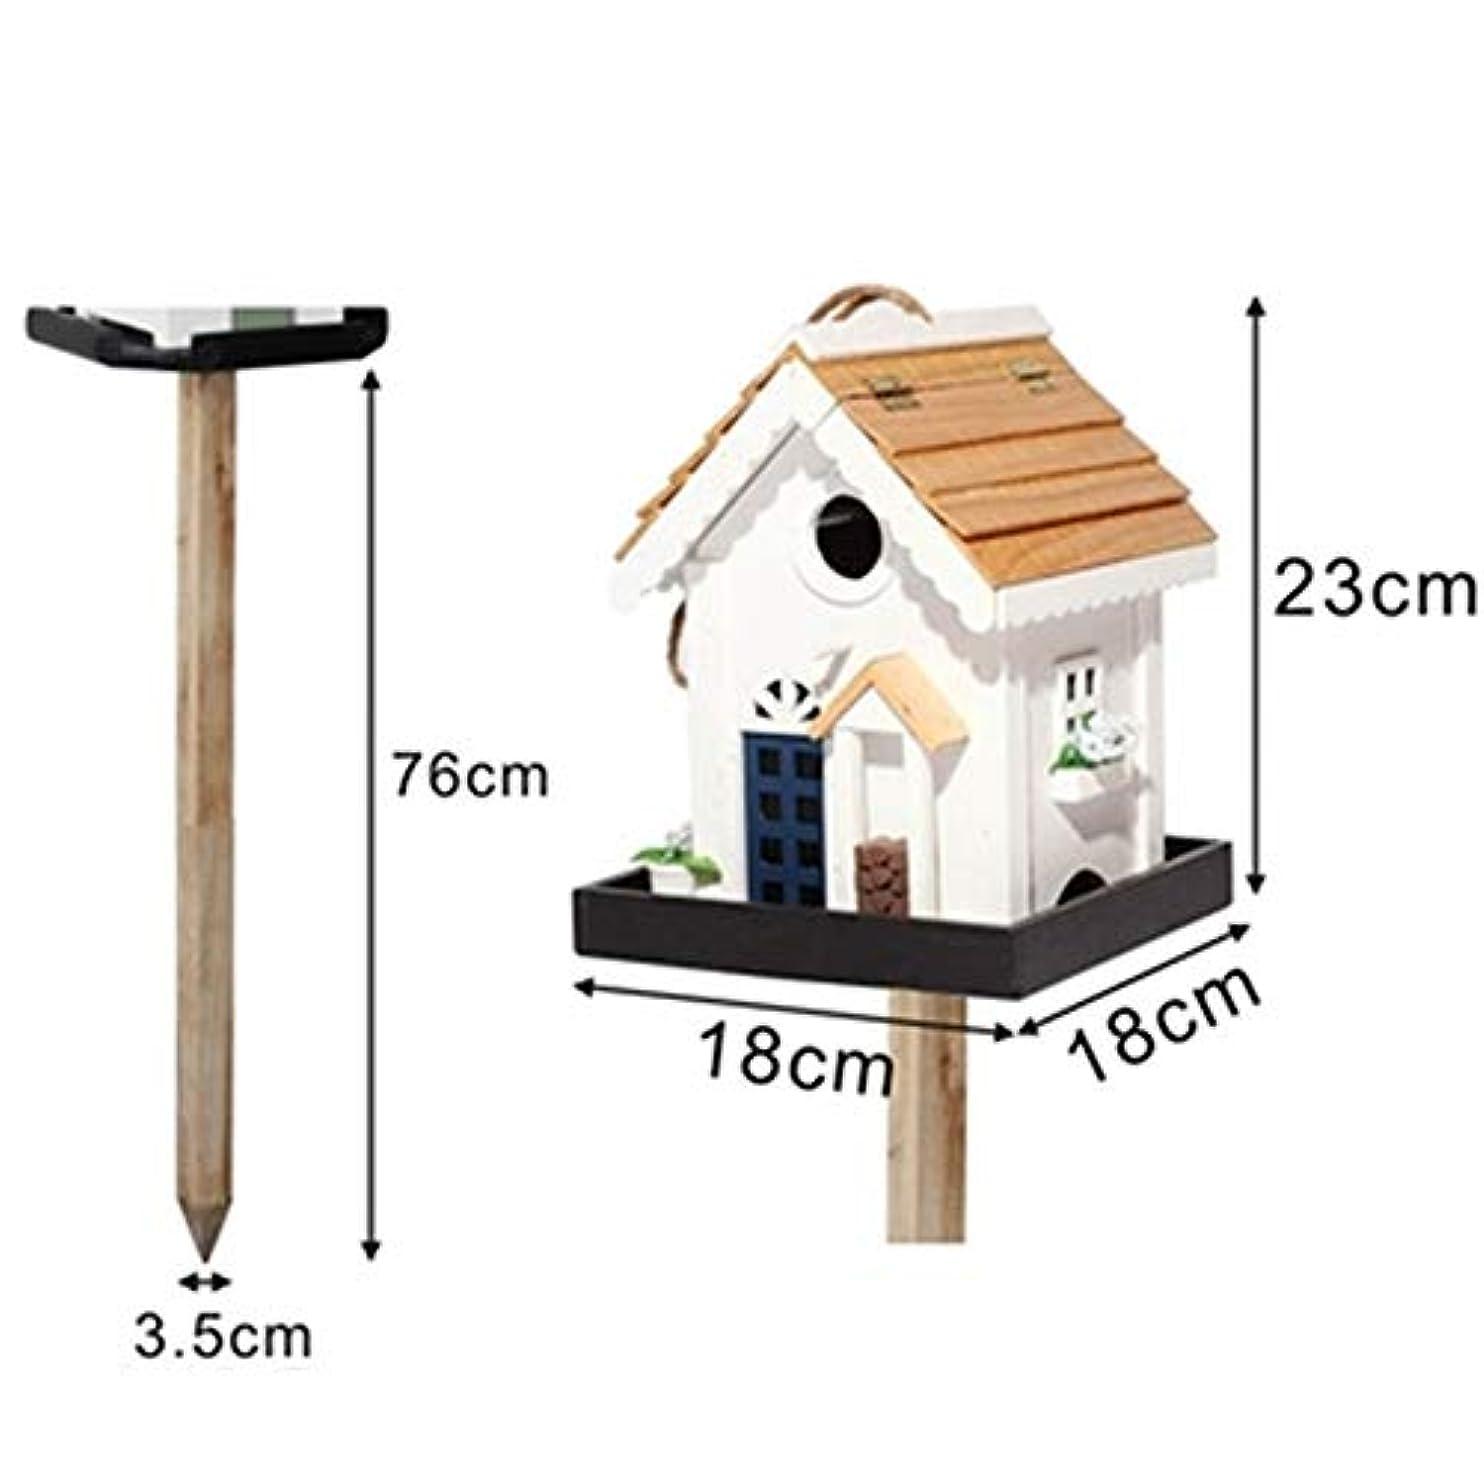 ムスタチオより多い規模鳥の巣 クリエイティブコートヤードガーデンヴィラ巣箱小さな巣箱巣箱デコレーション屋外木製バードフィーダー クラシックで軽量なデザイン (色 : 白, Size : Free size)